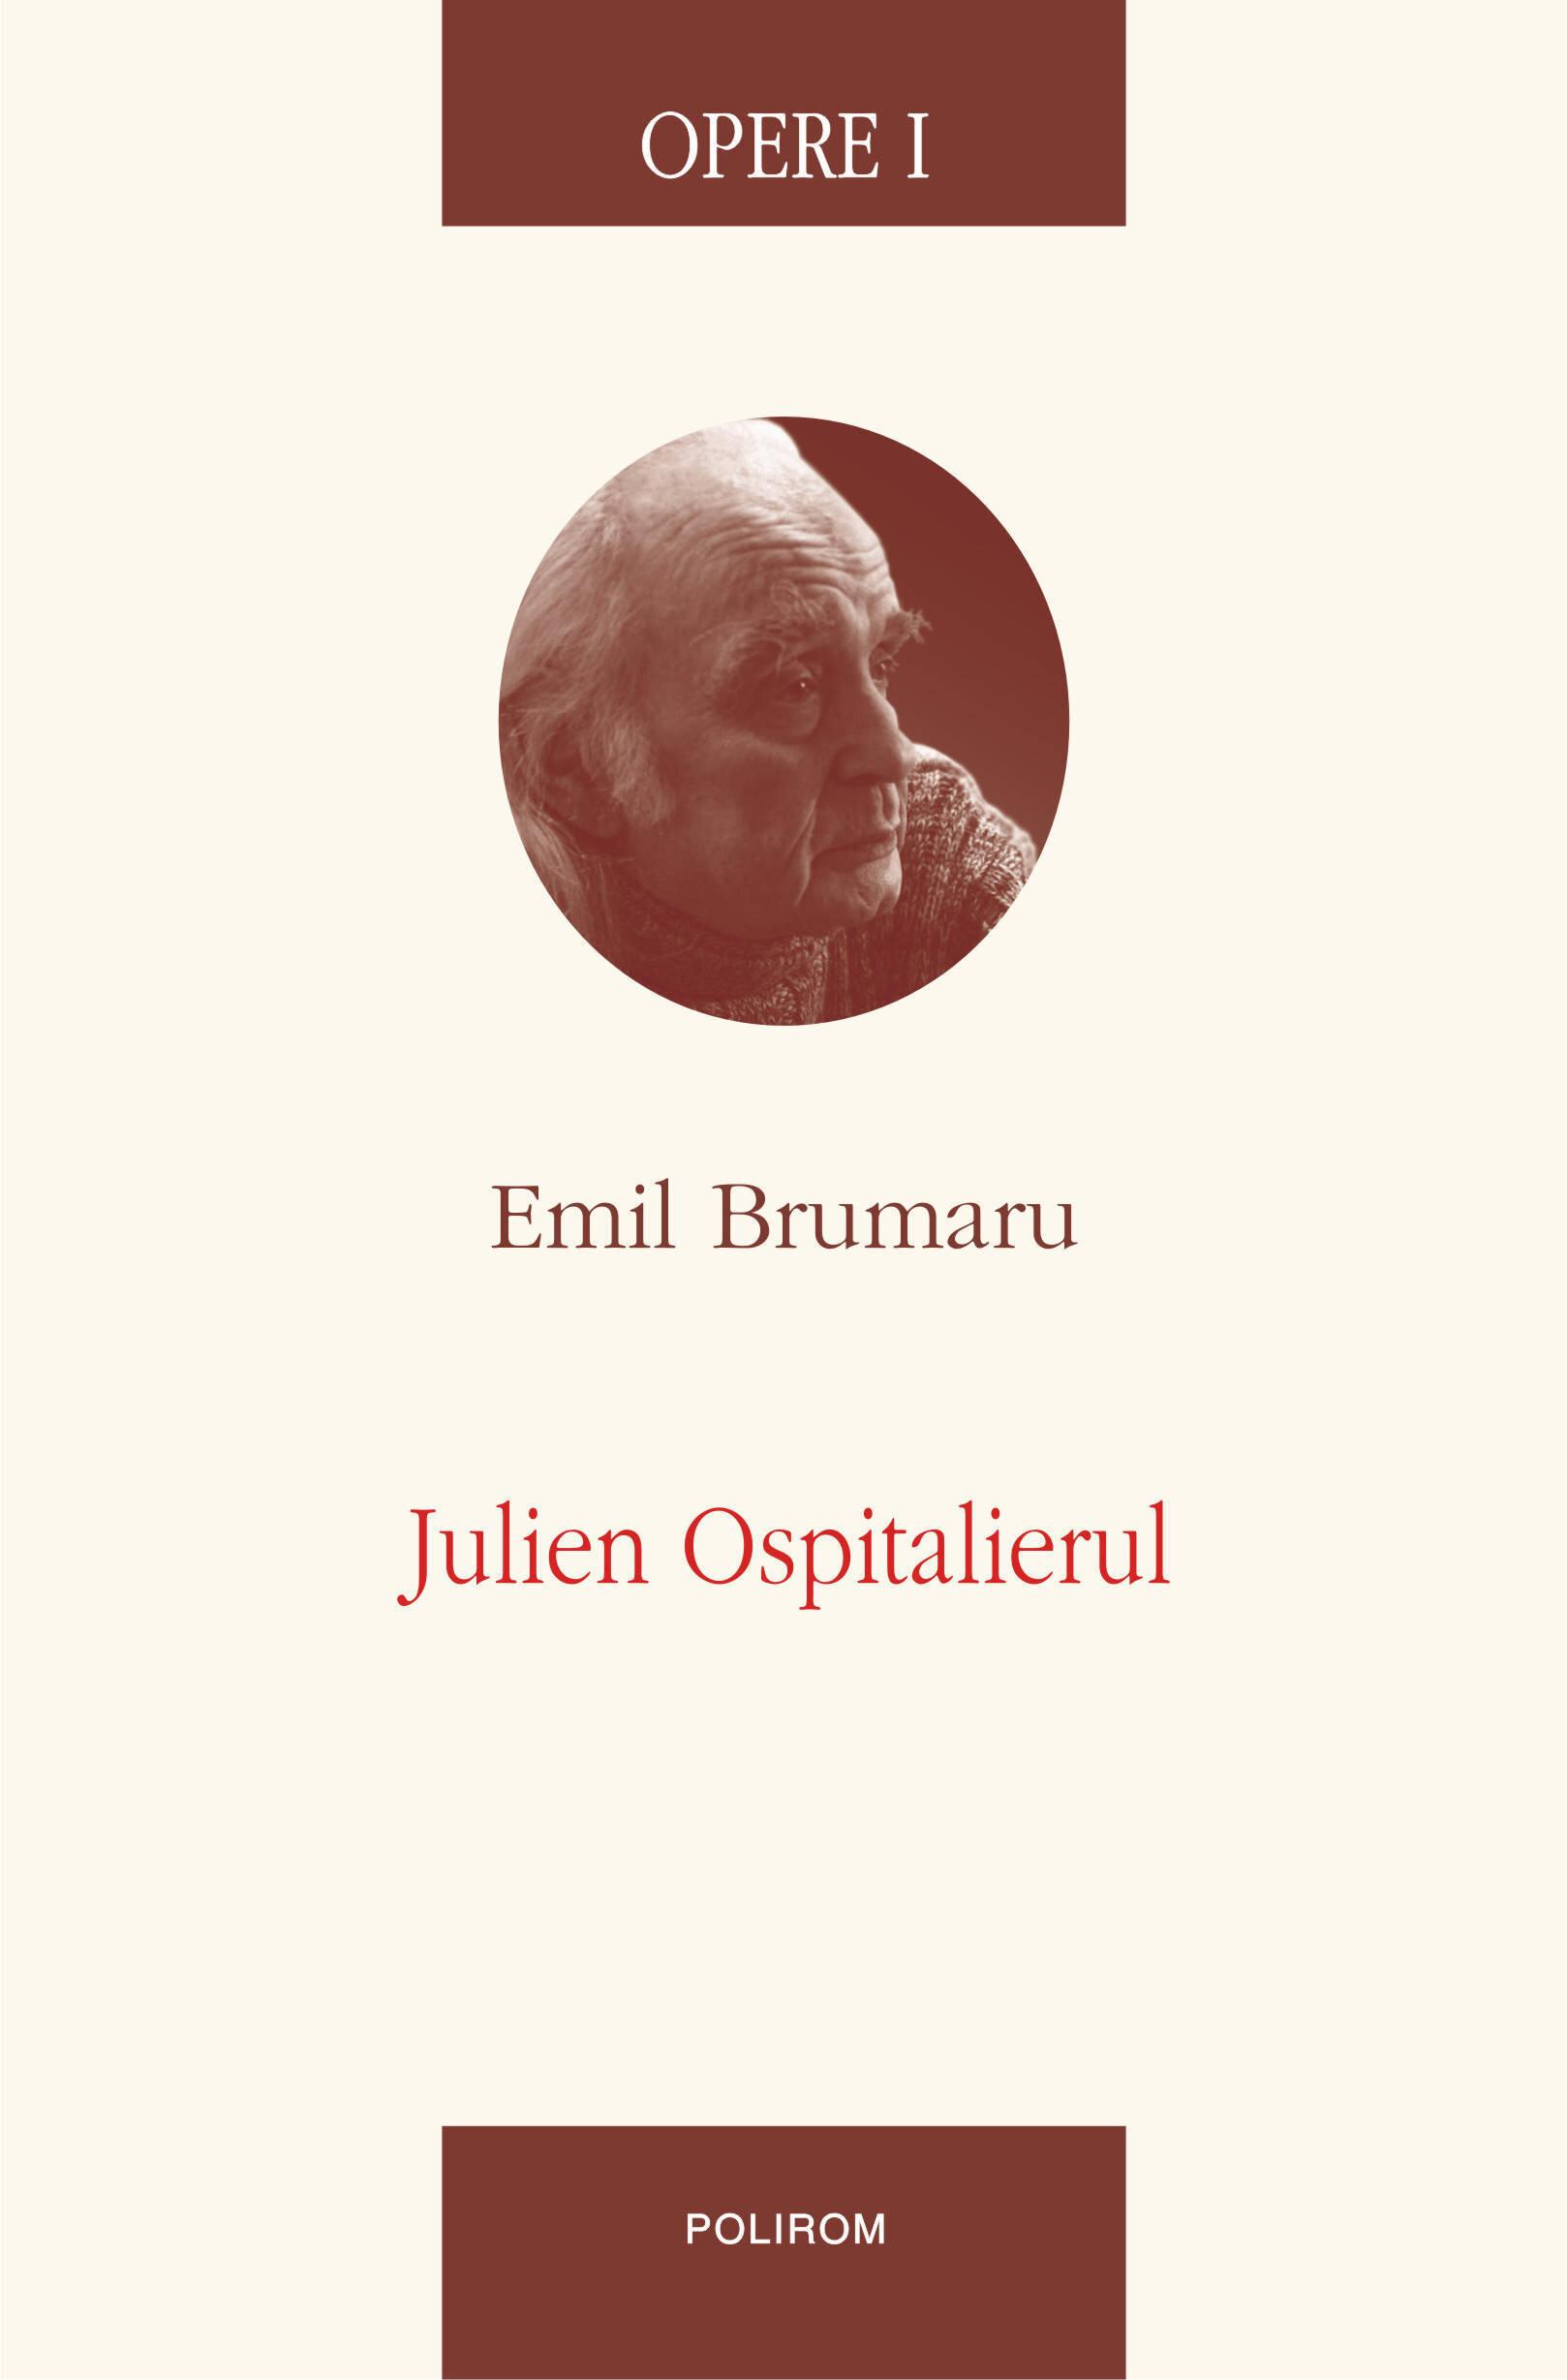 Opere I. Julien Ospitalierul (eBook)